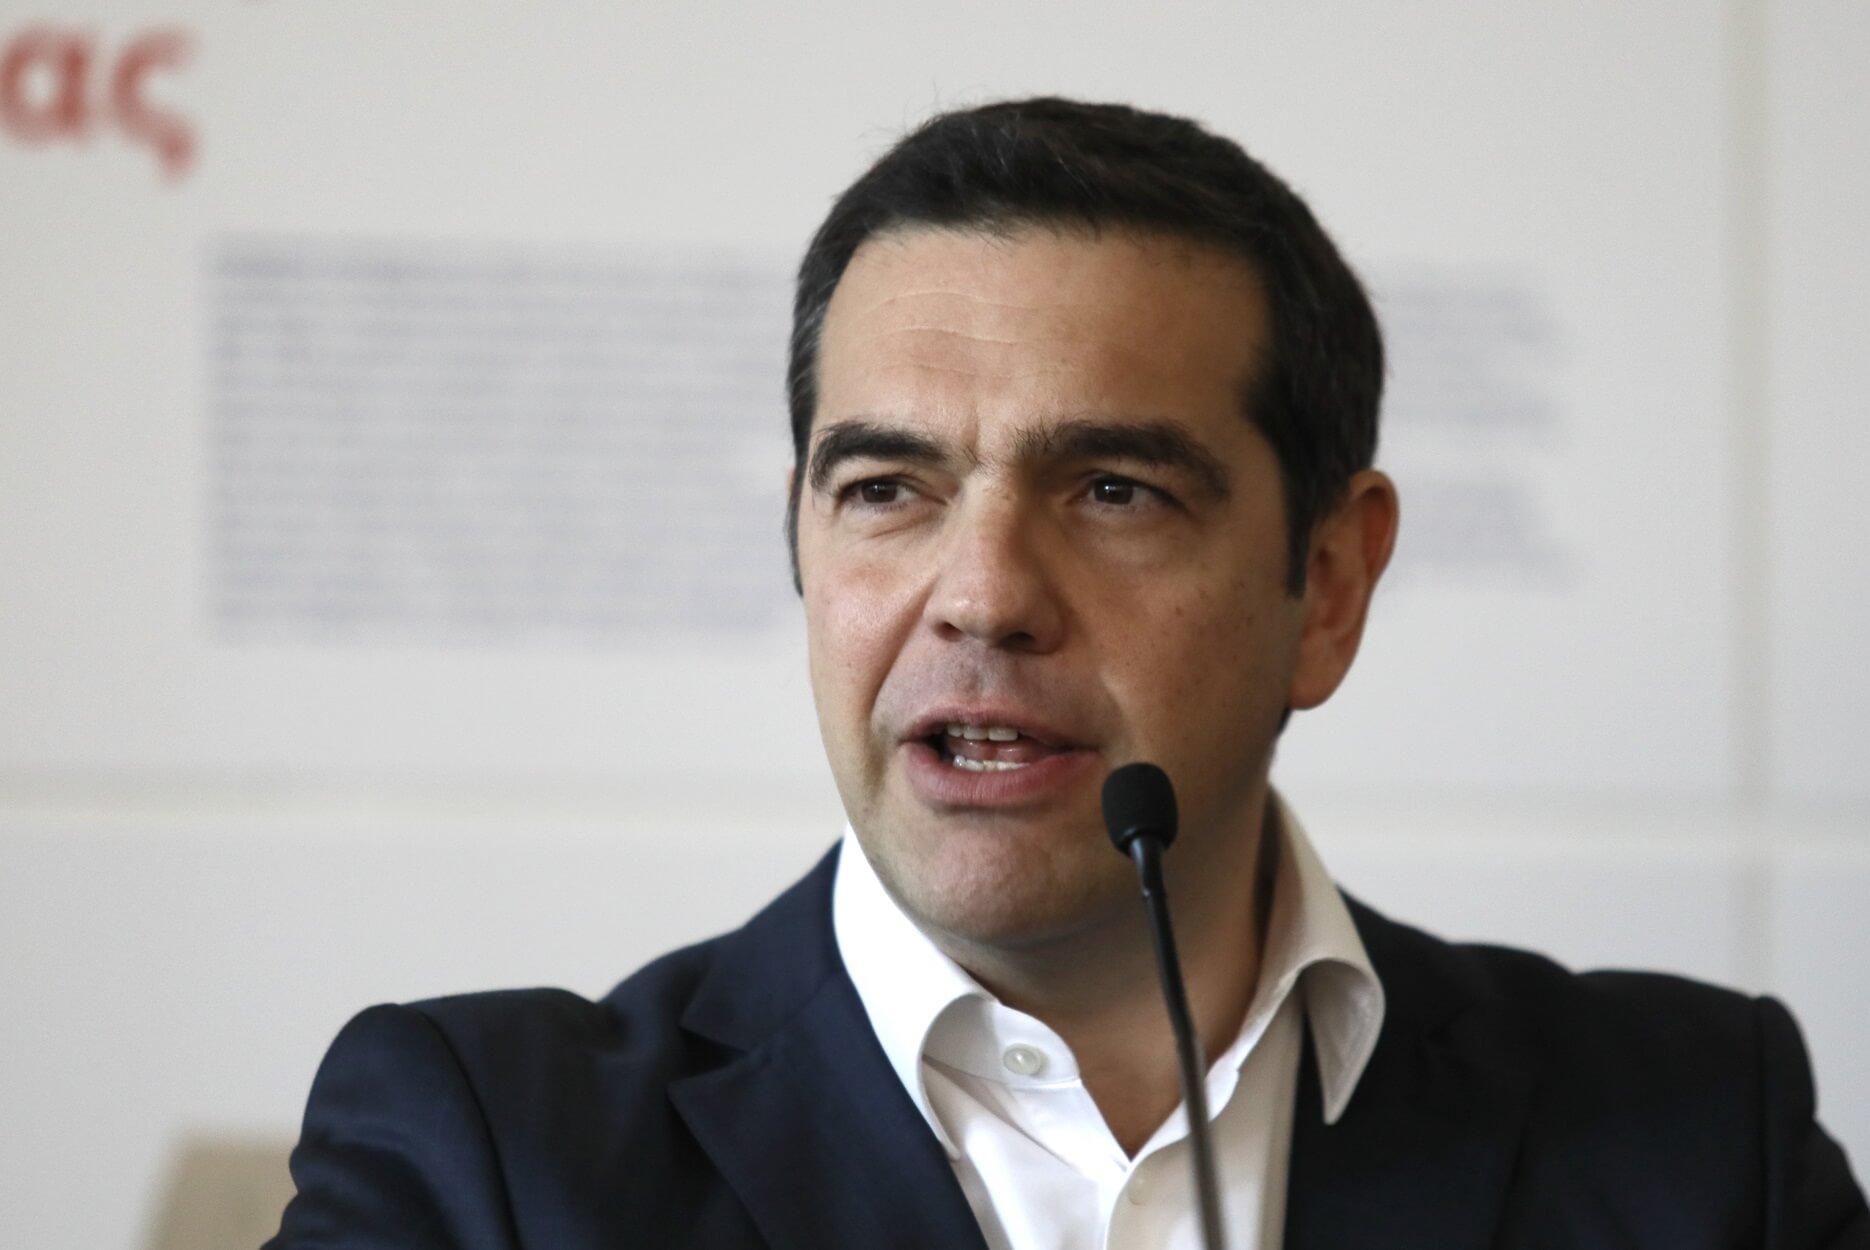 Τσίπρας: Οι διακρίσεις των Ελλήνων αθλητών δείχνουν το υψηλό μας επίπεδο